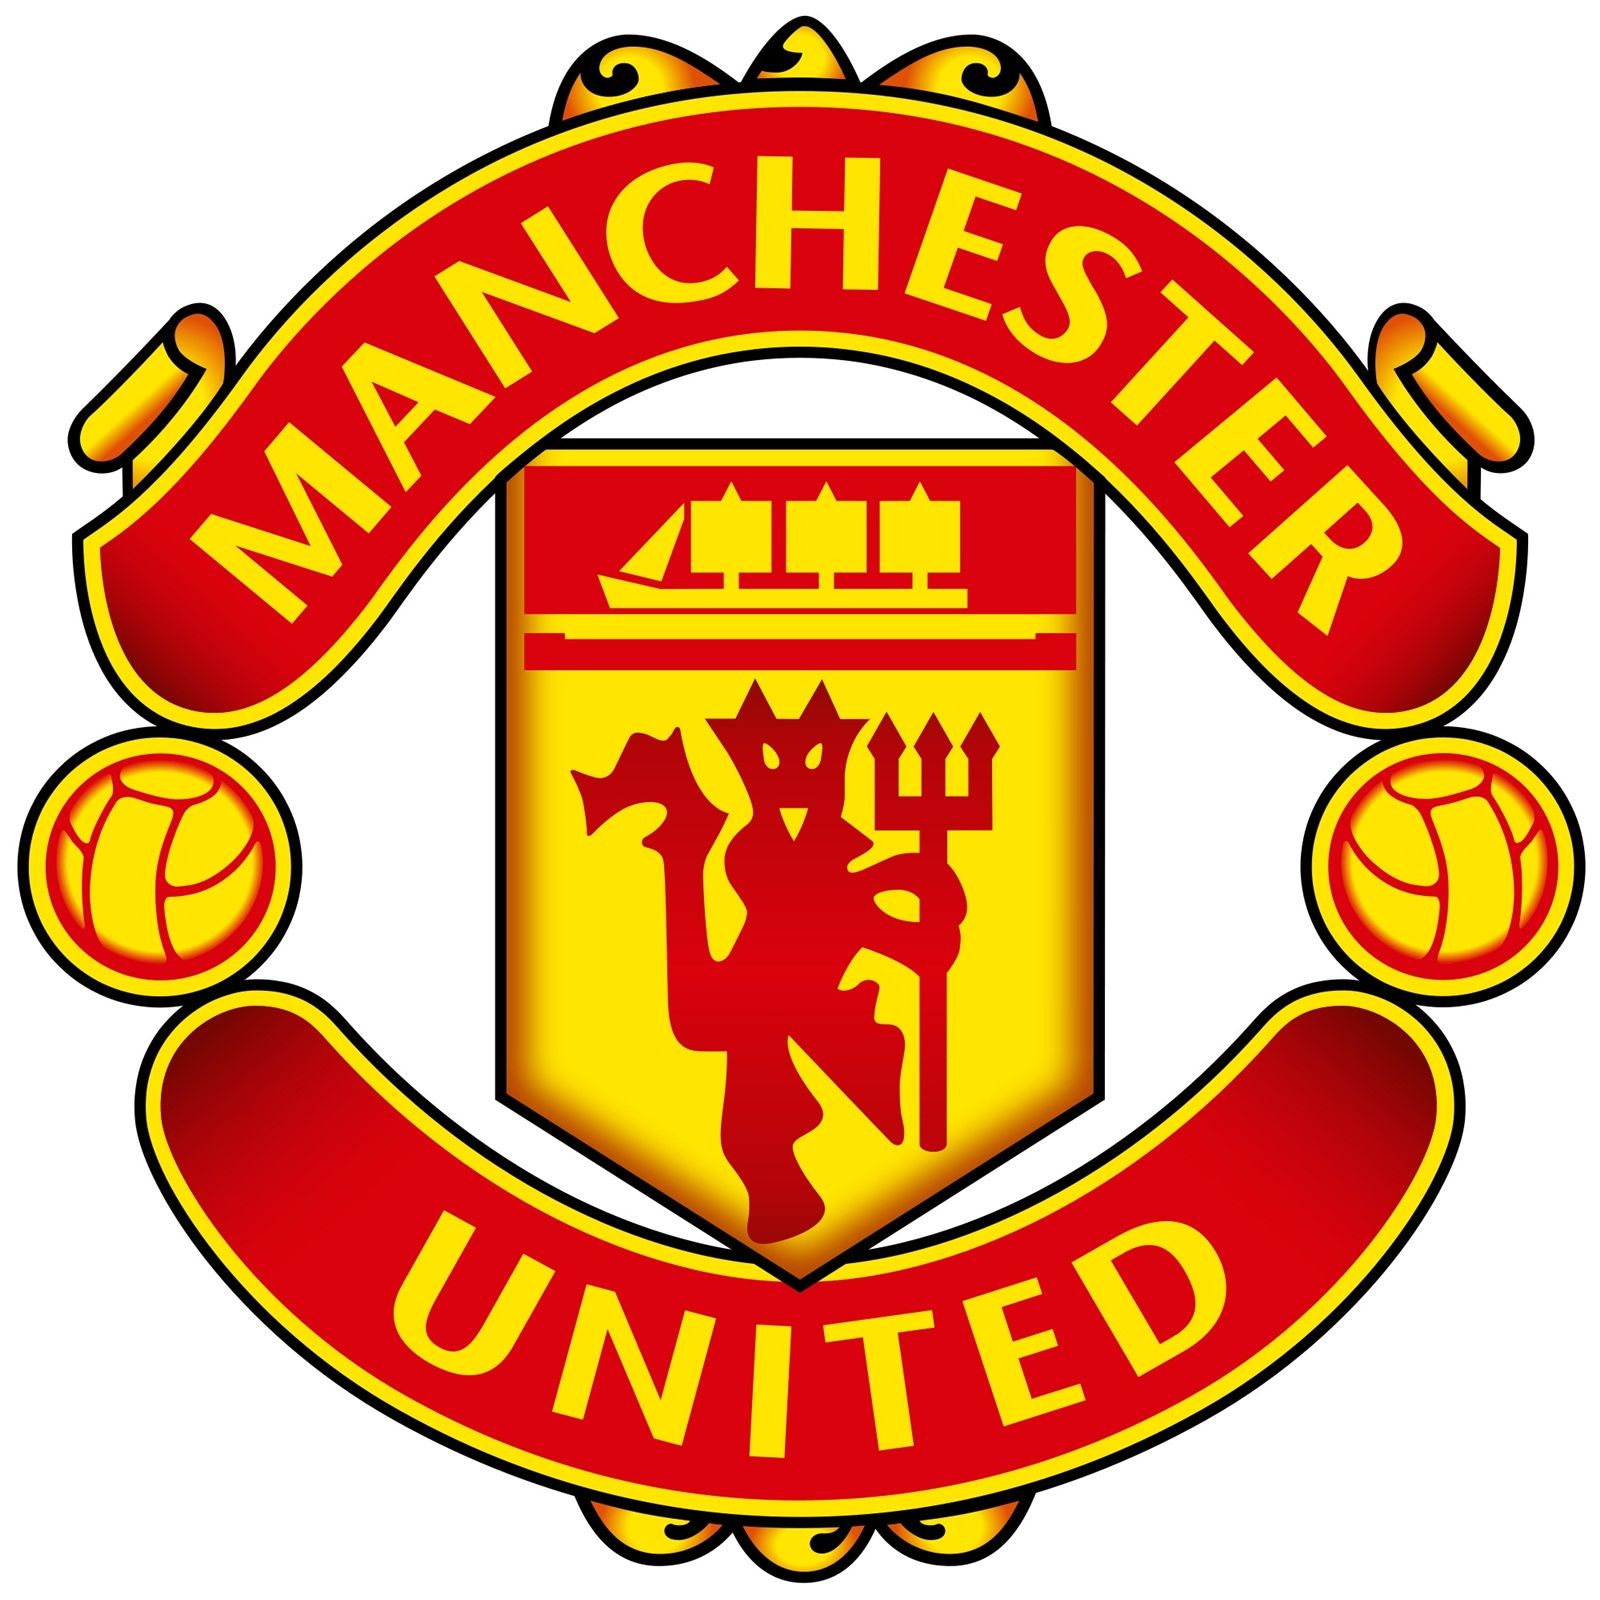 manchesterunitedlogo Manchester united logo